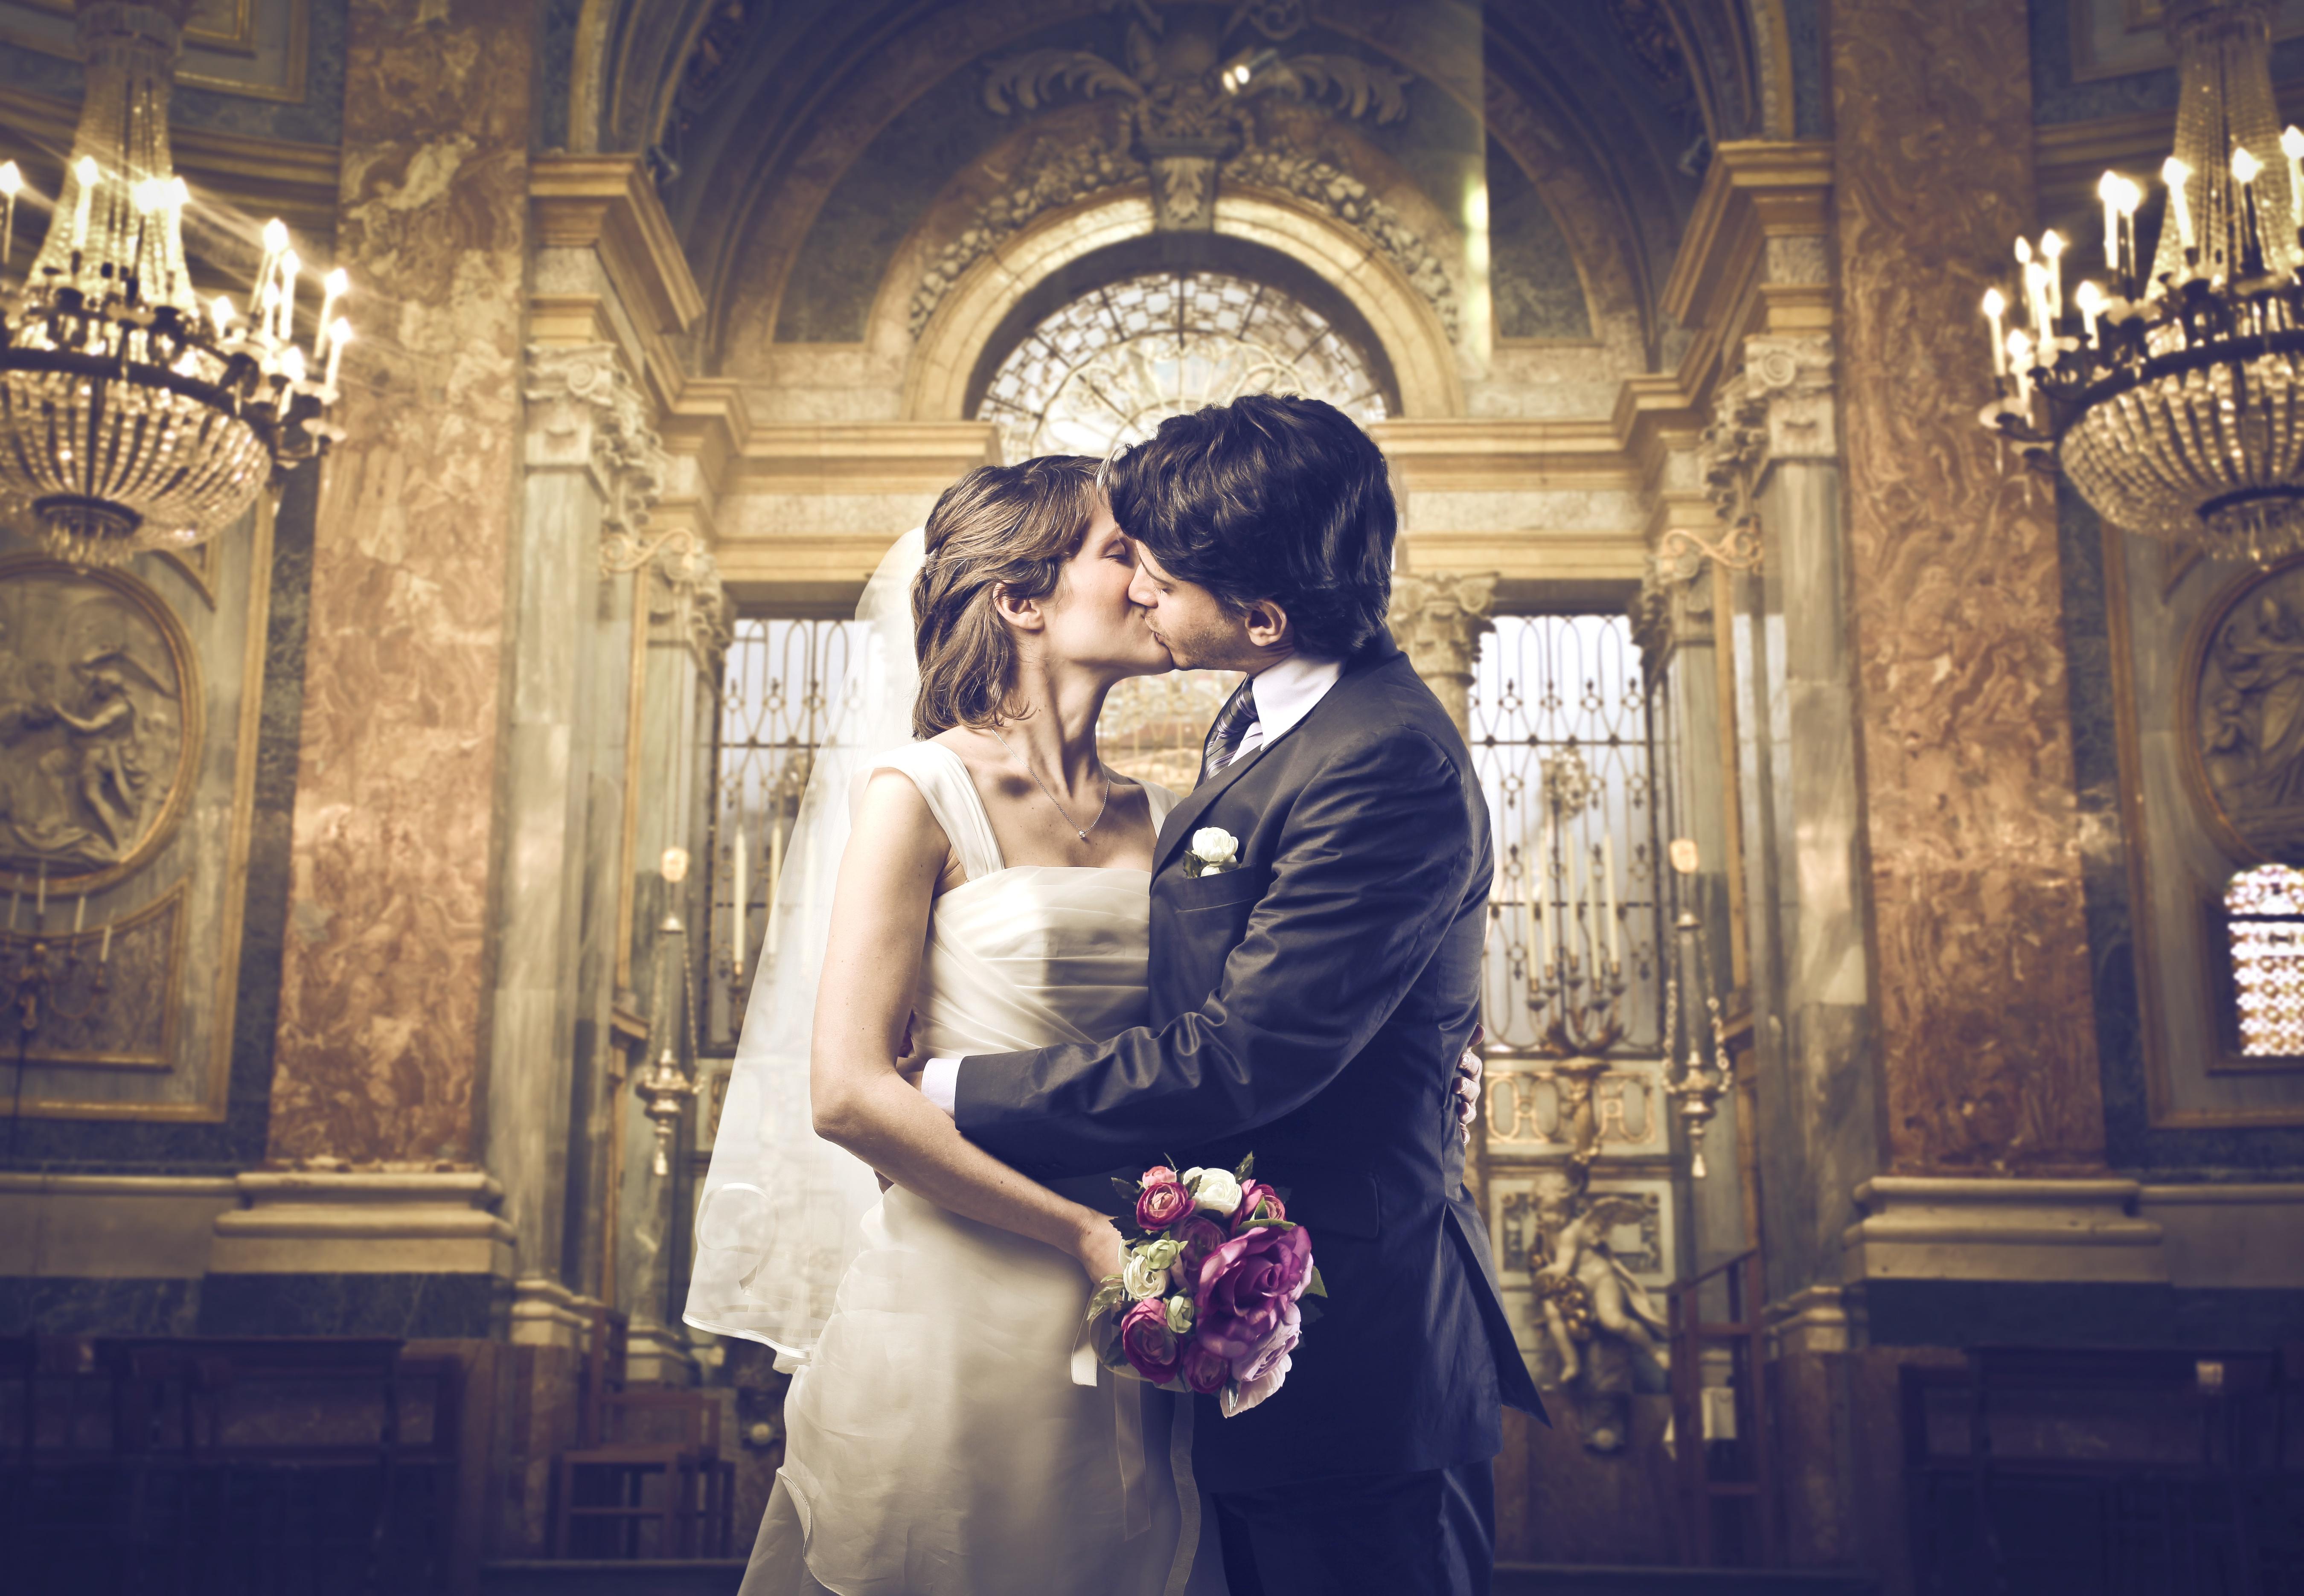 Картинки свадьбы и любви